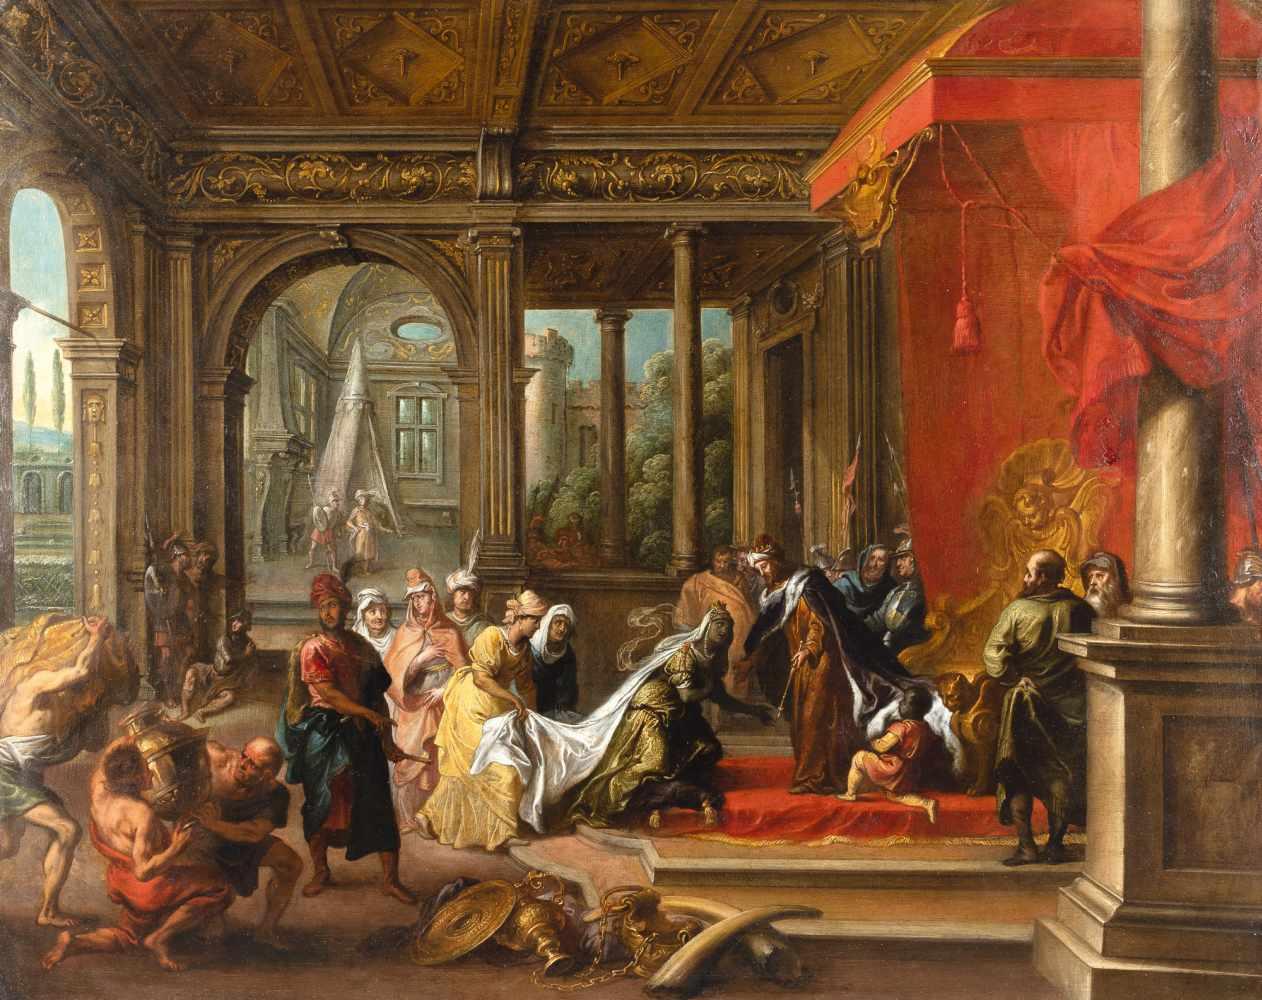 Paul Vredeman de Vries1567 - Antwerp - after 1630Die Königin von Saba vor SalomoÖl auf Kupfer. (Nach